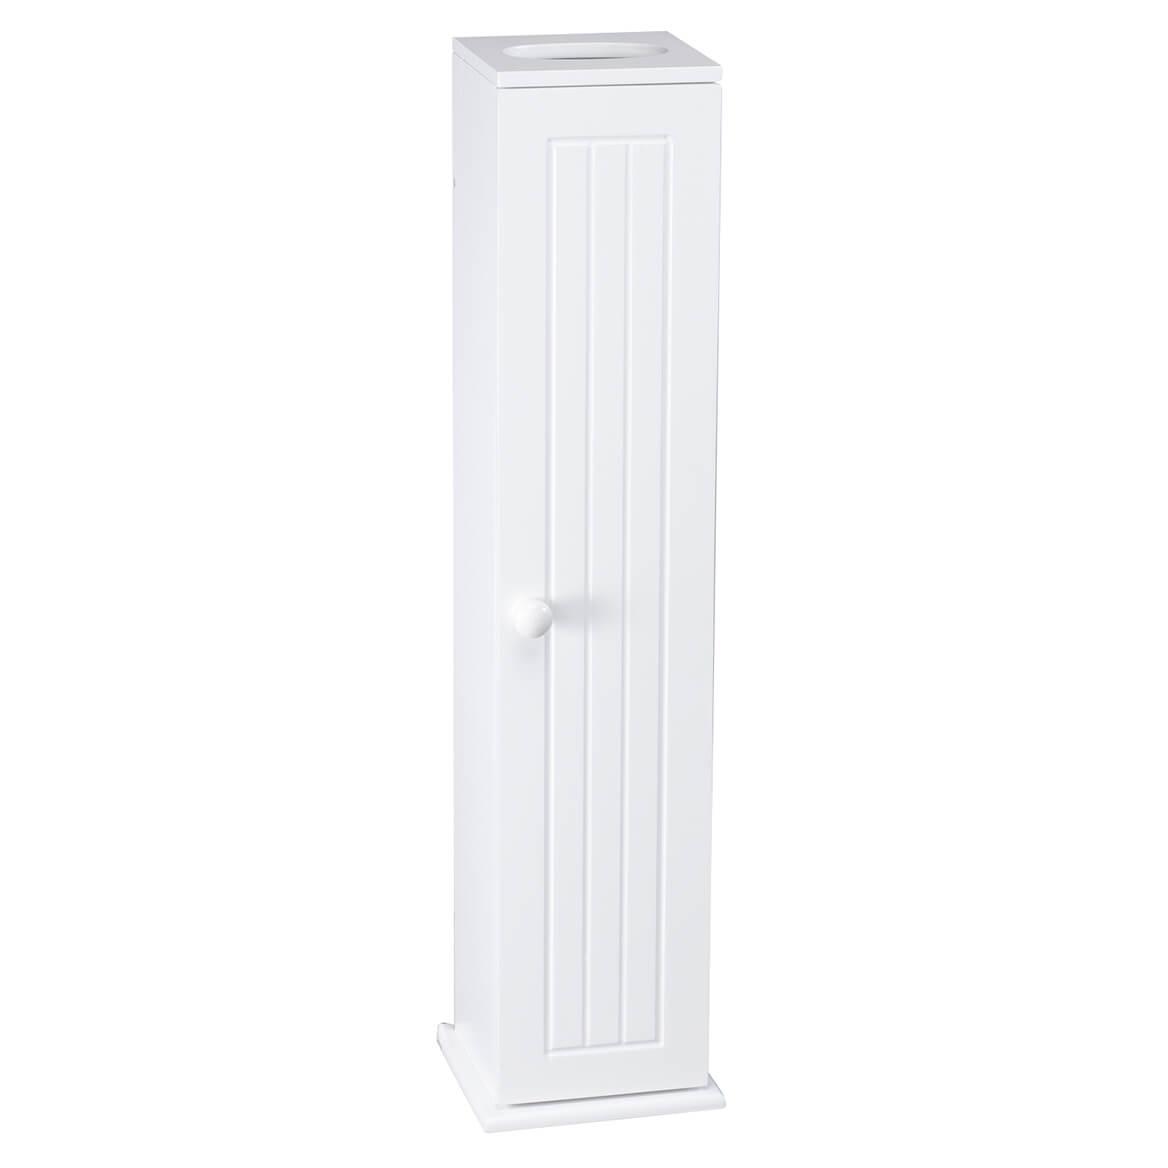 Toilet Tissue Tower by OakRidge™